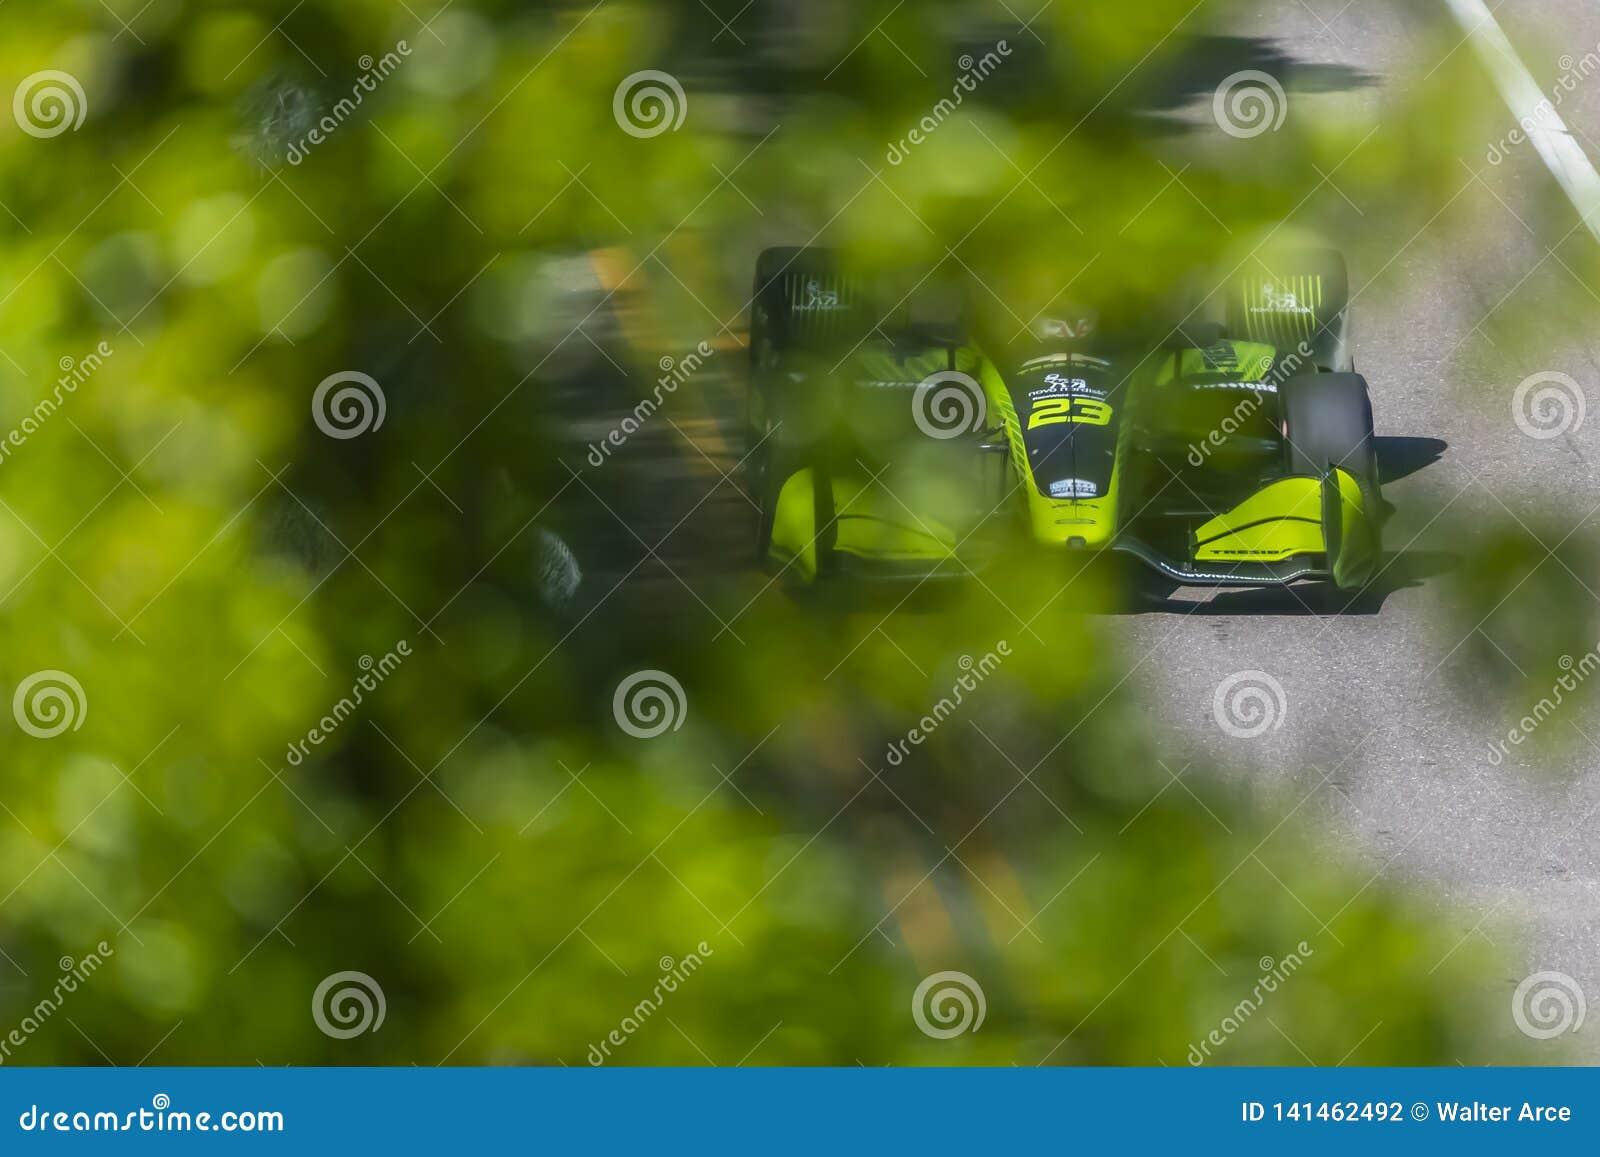 IMSA: 08 maart Firestone Grand Prix van St. Petersburg